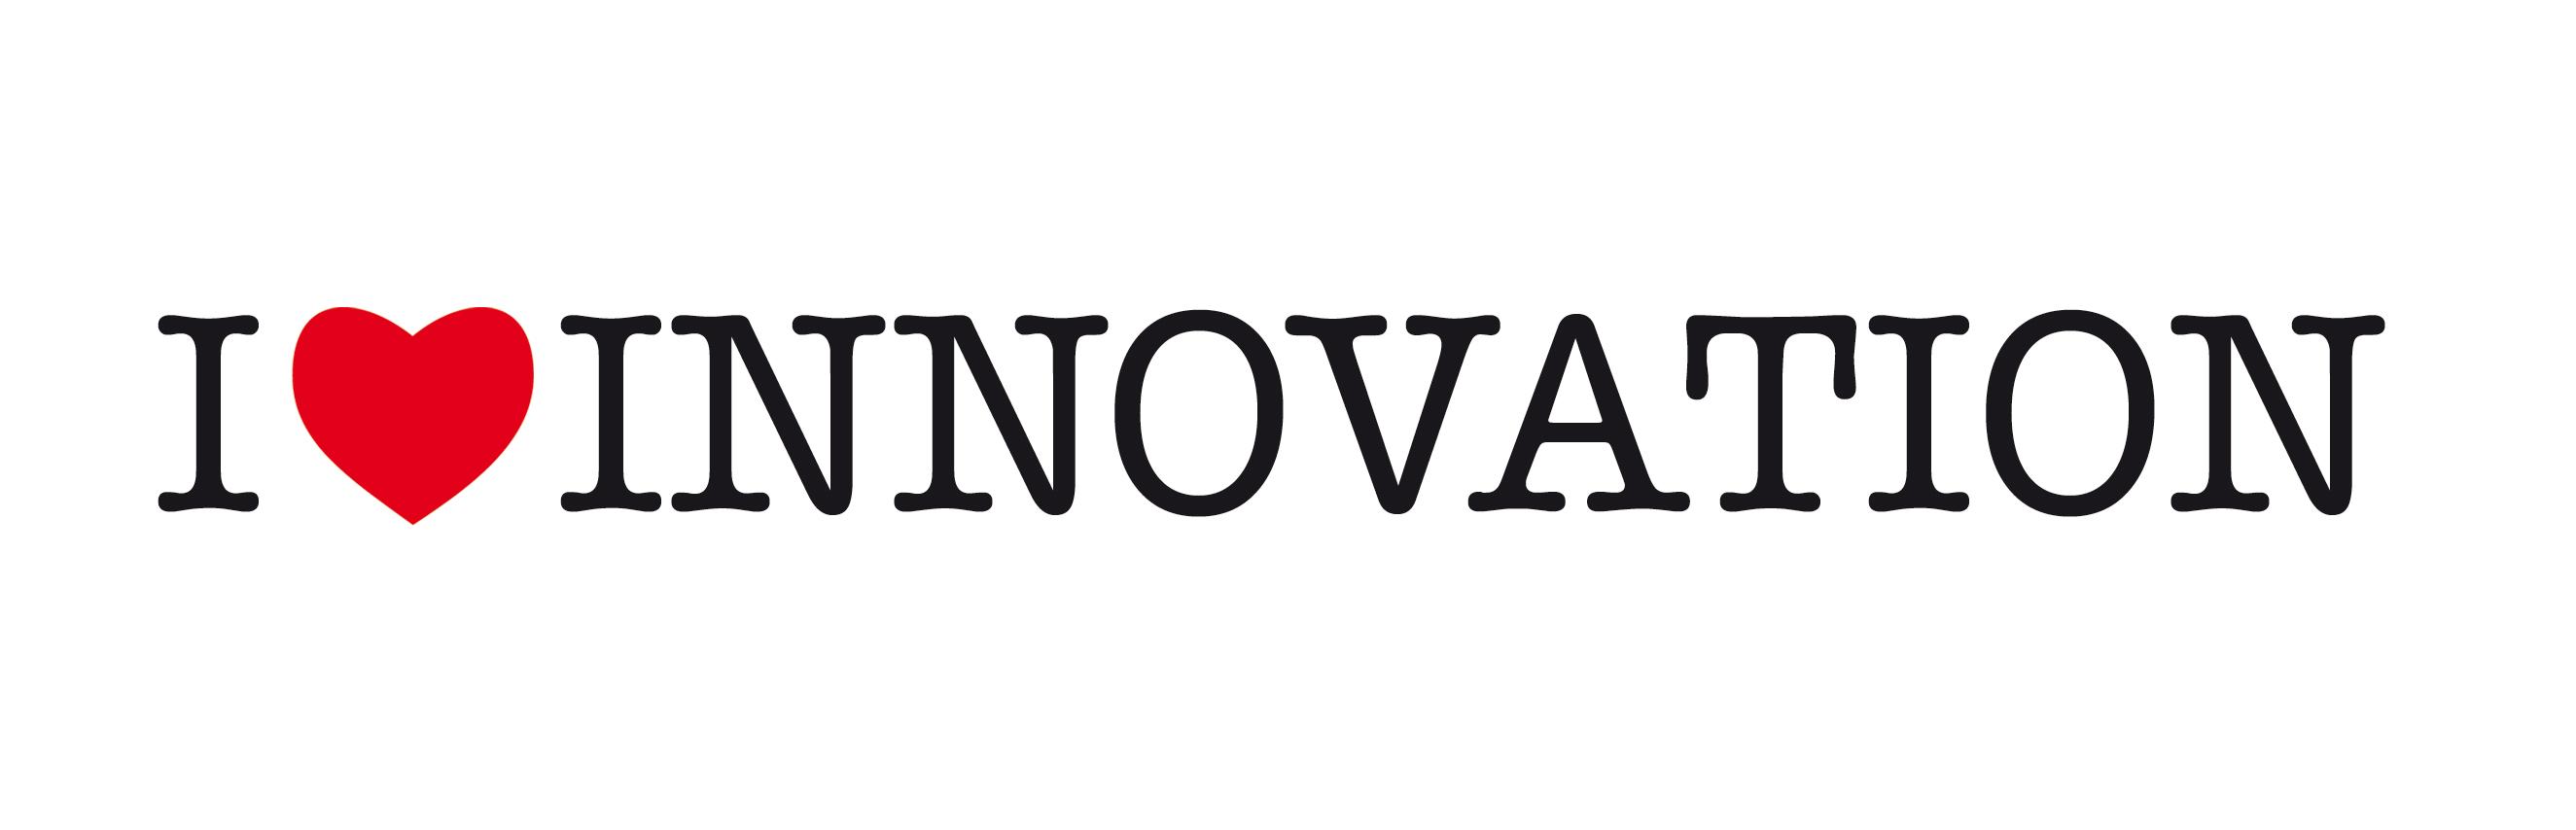 I-LOVE-INNOVATION - BOMBER - studio for urban graphics, design ...